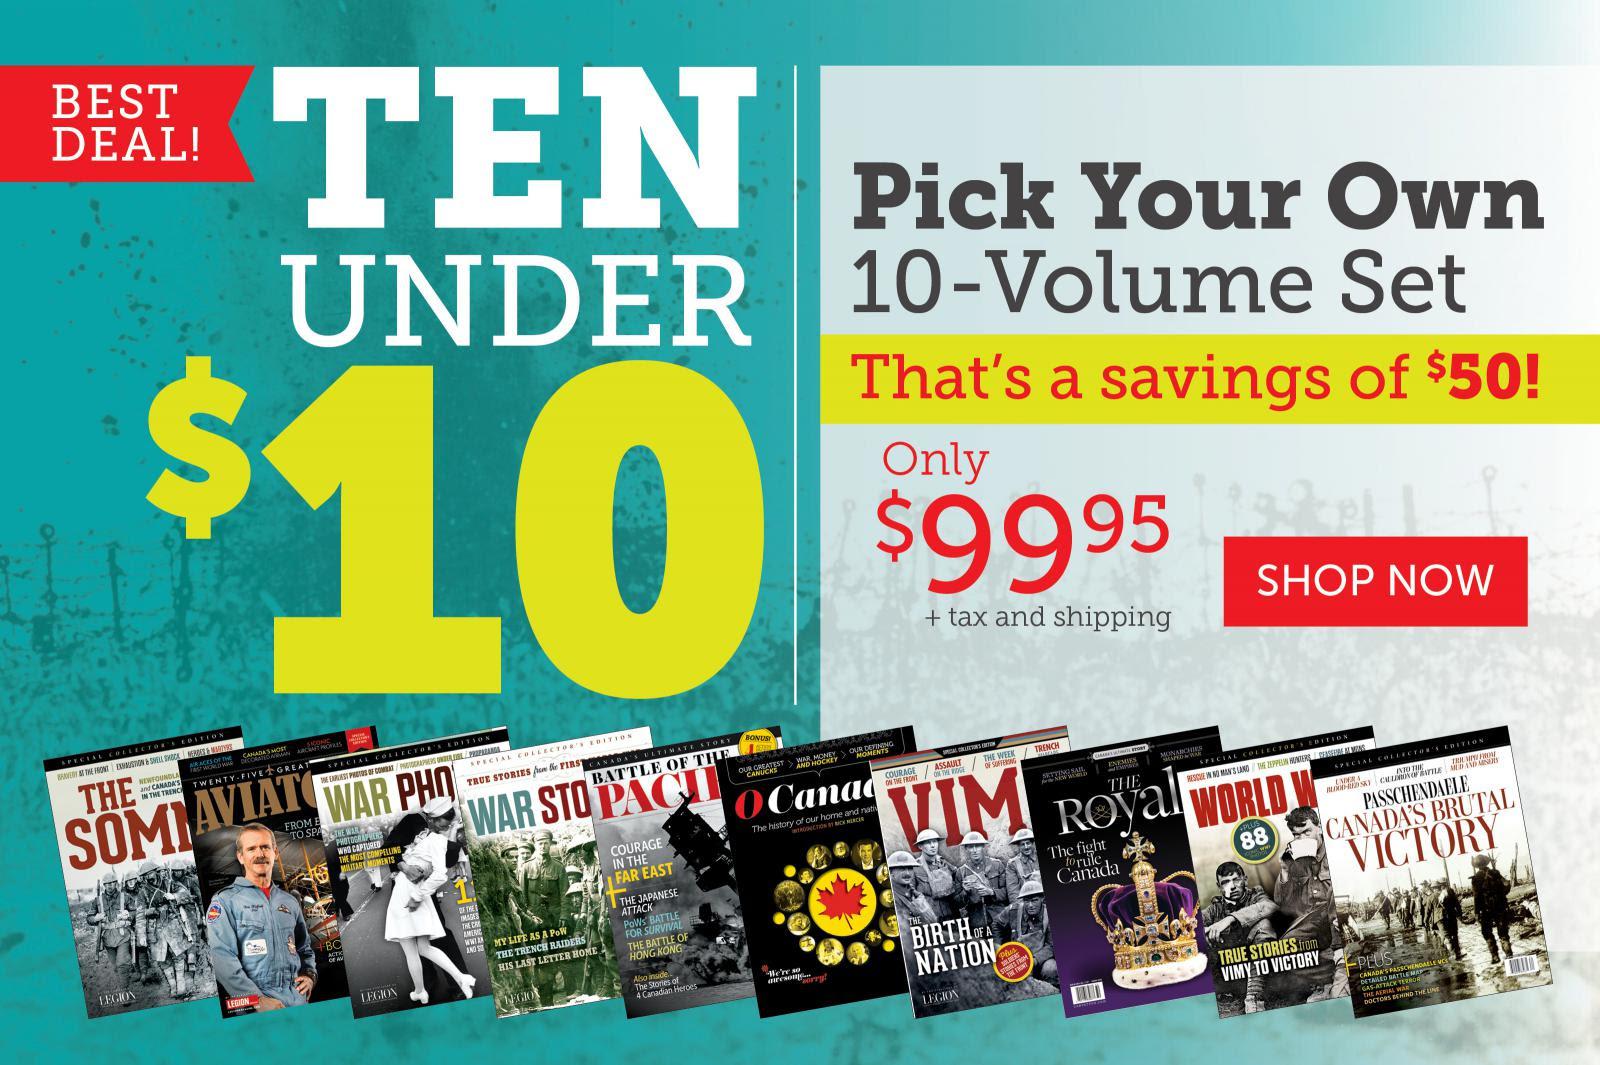 Ten under $10!